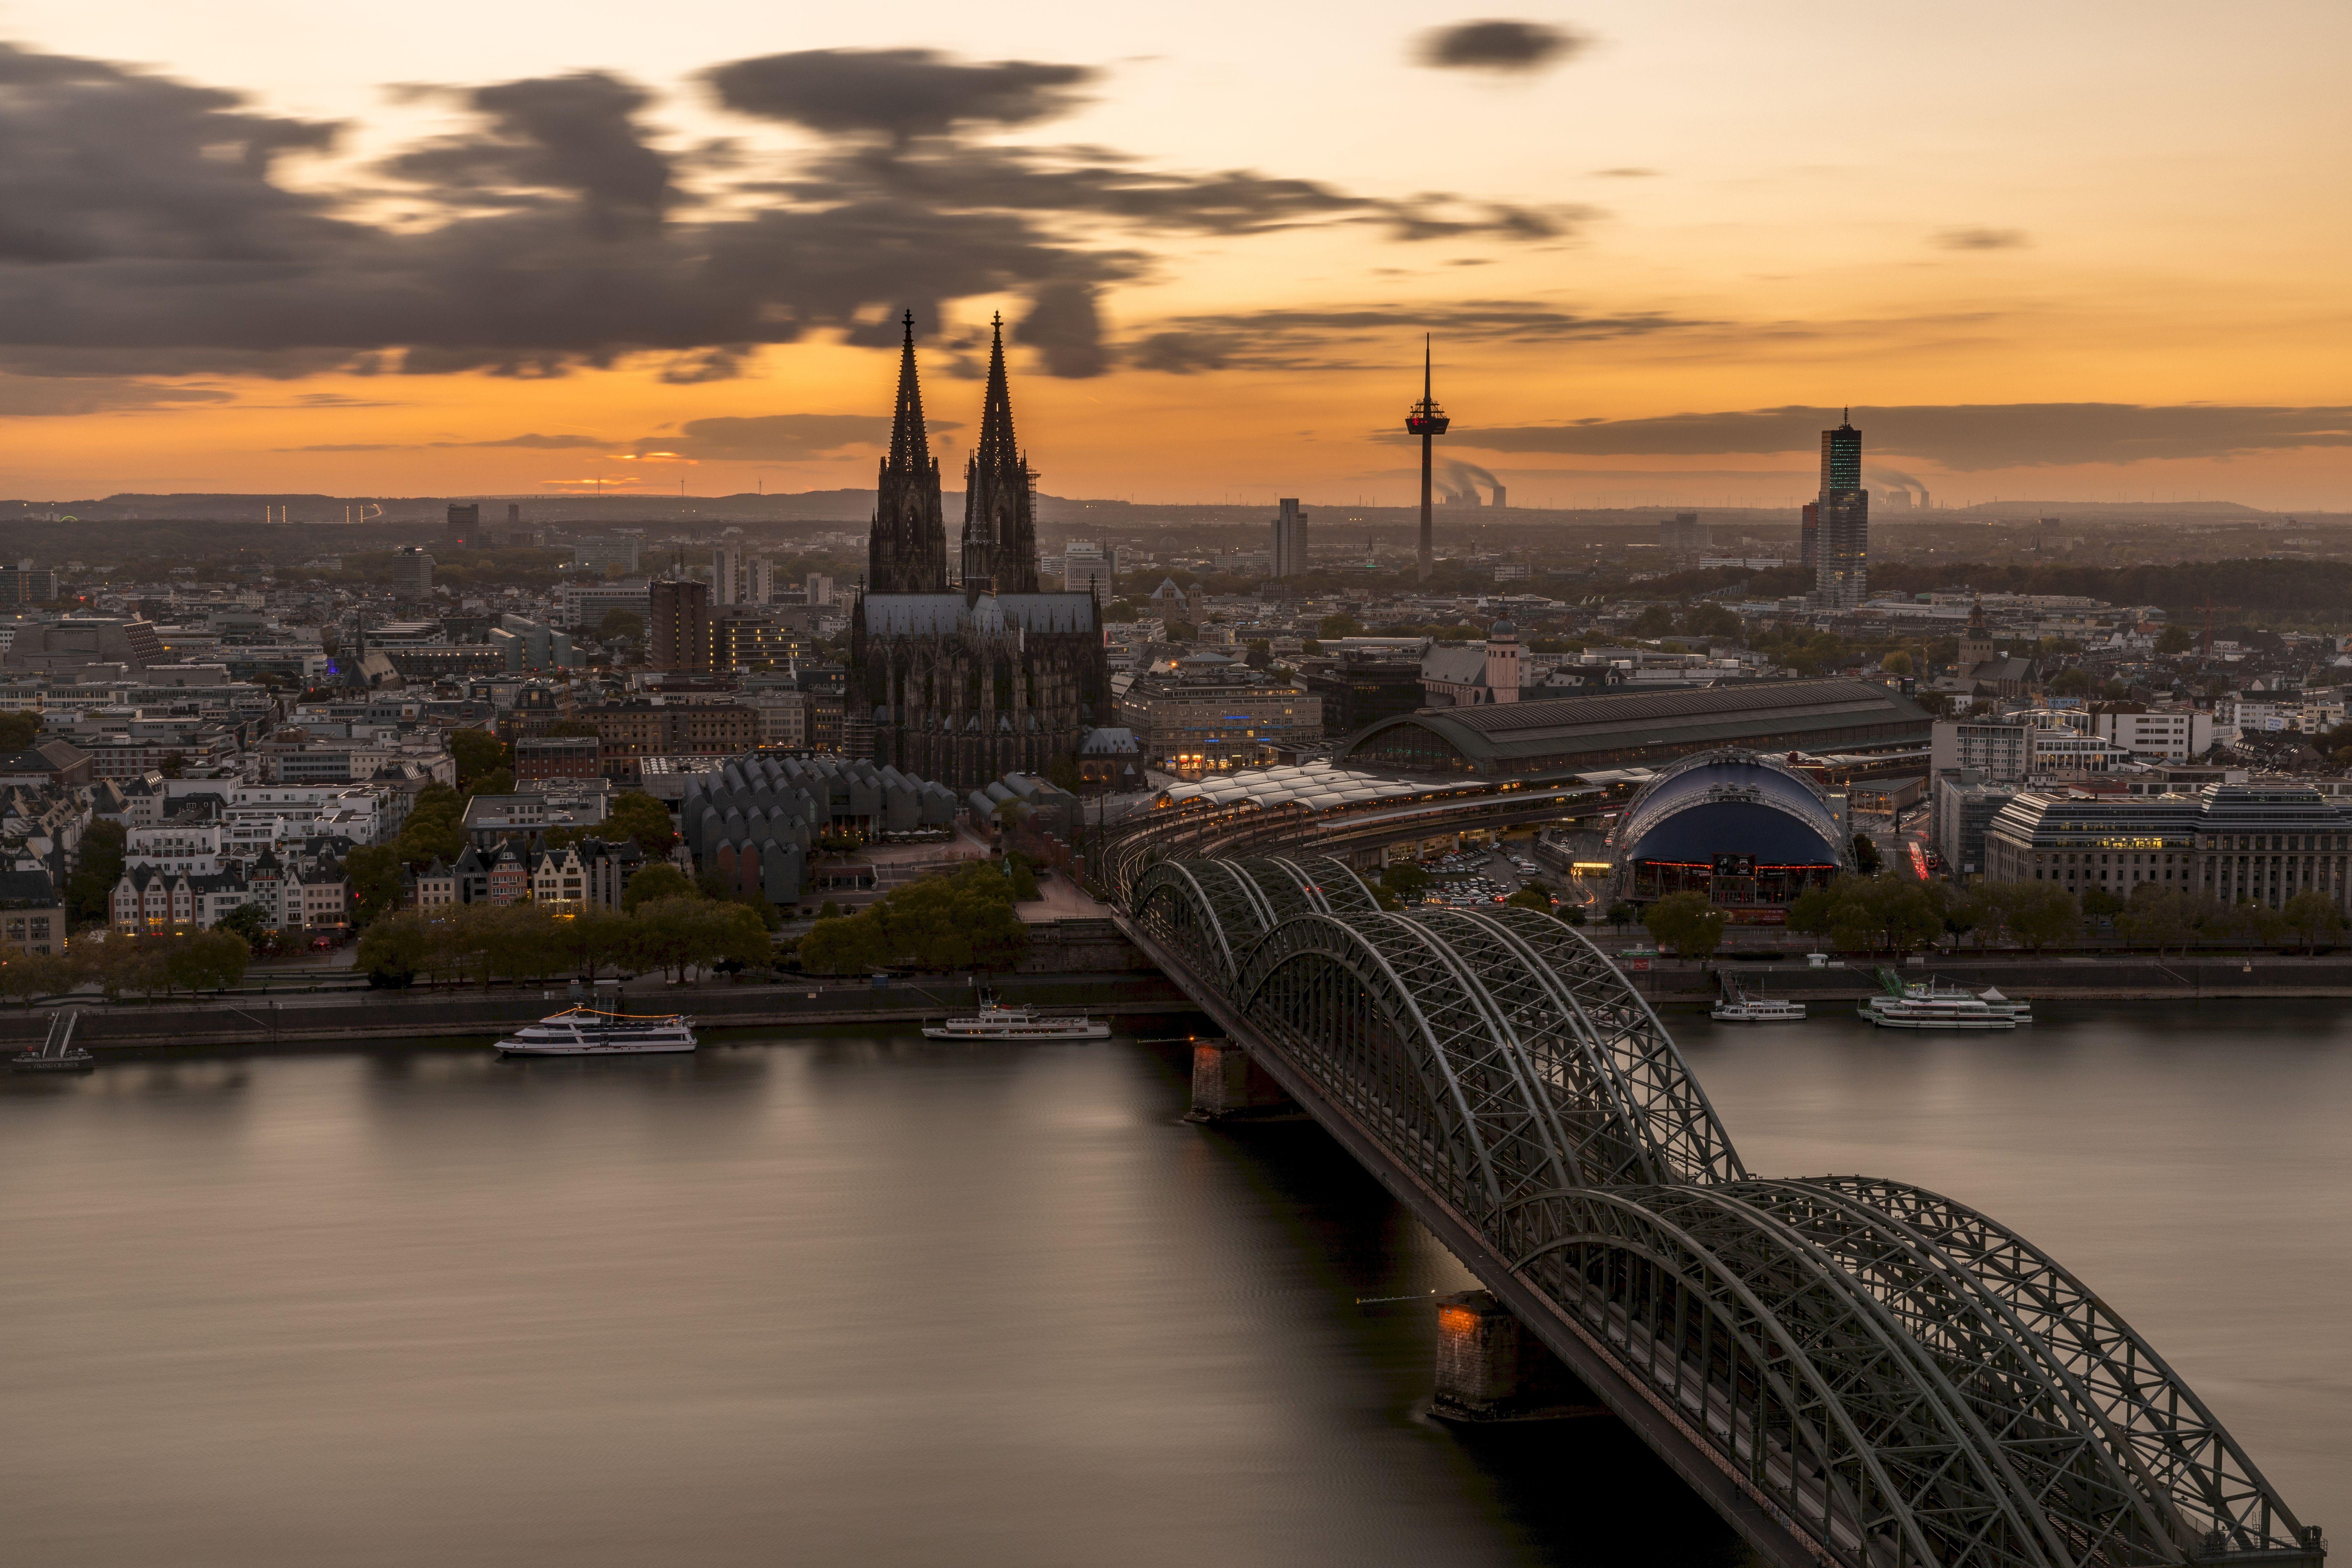 88370 Заставки и Обои Города на телефон. Скачать Мост, Готический, Кельн, Германия, Архитектура, Города картинки бесплатно